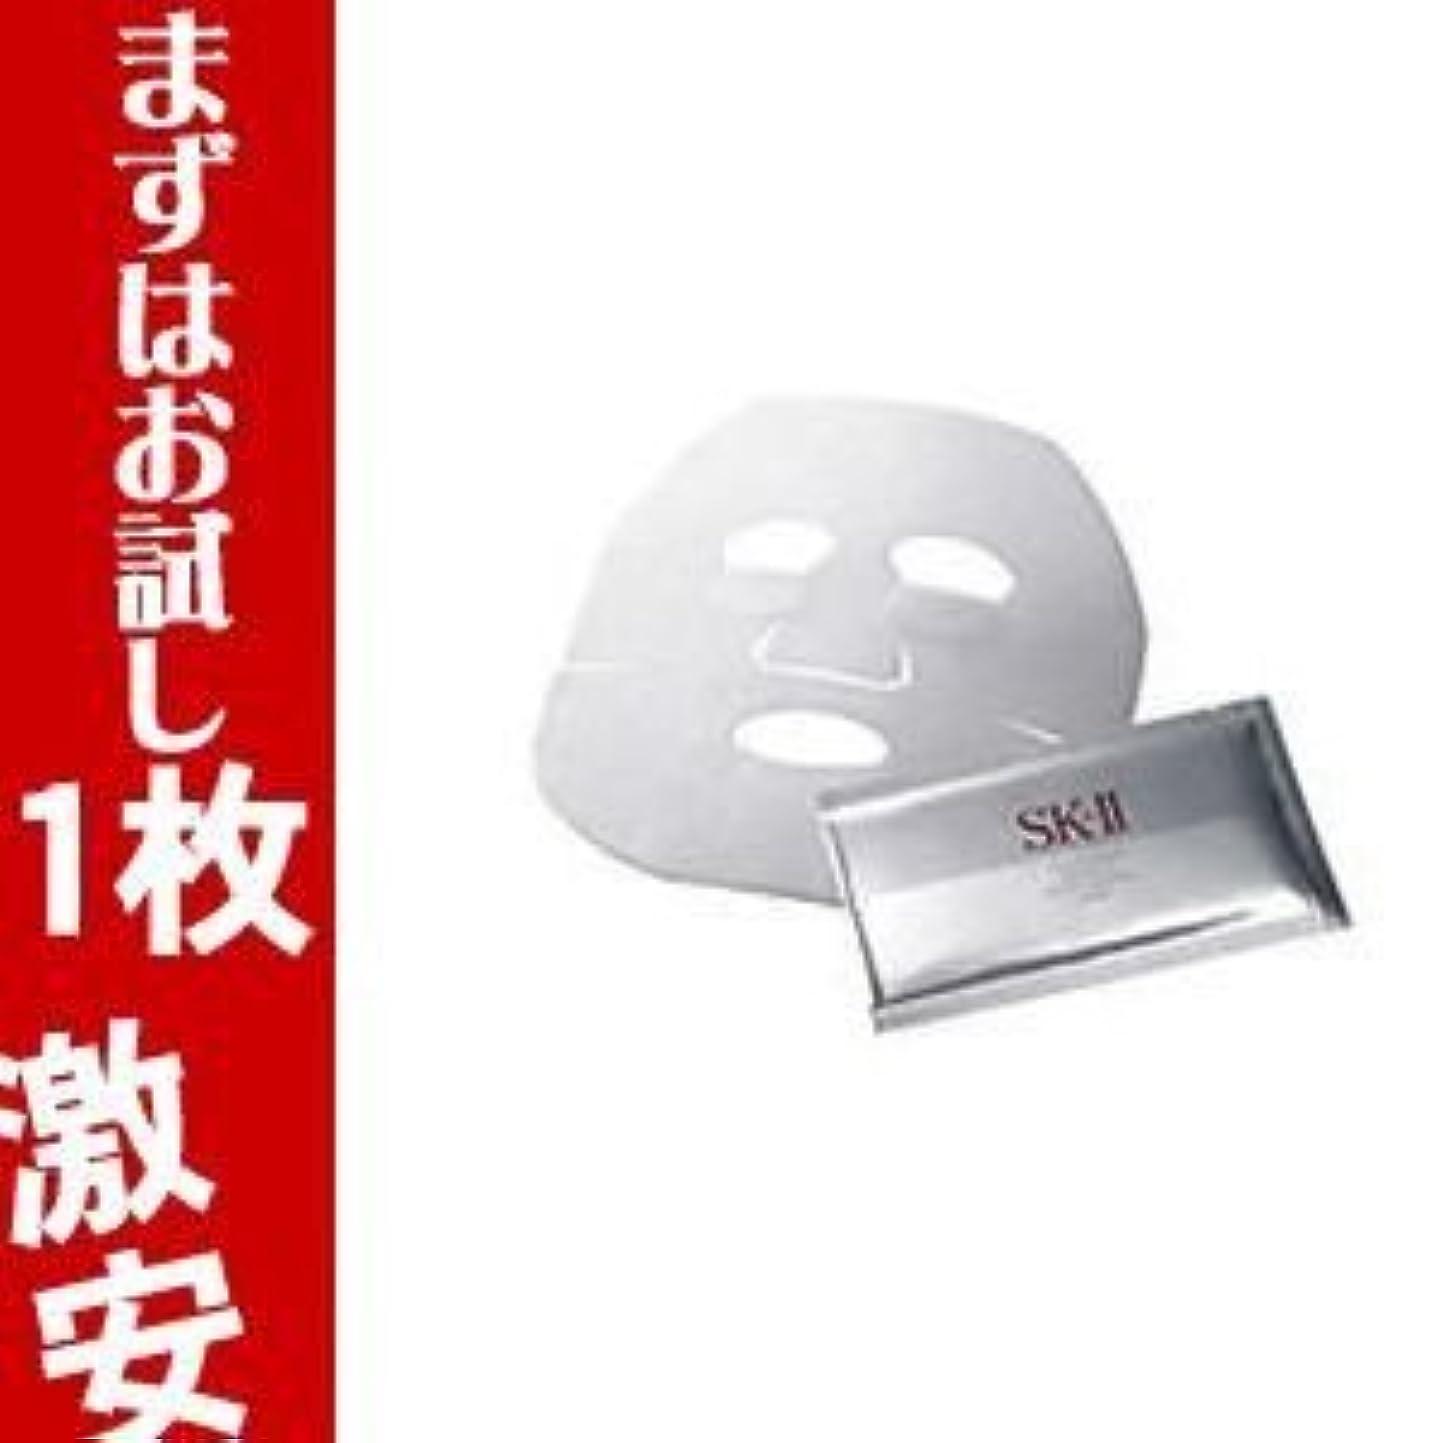 神経衰弱ぎこちない胴体【SK-II SK-2】 ホワイトニングソース ダーム リバイバル マスク 1枚  【箱なし】